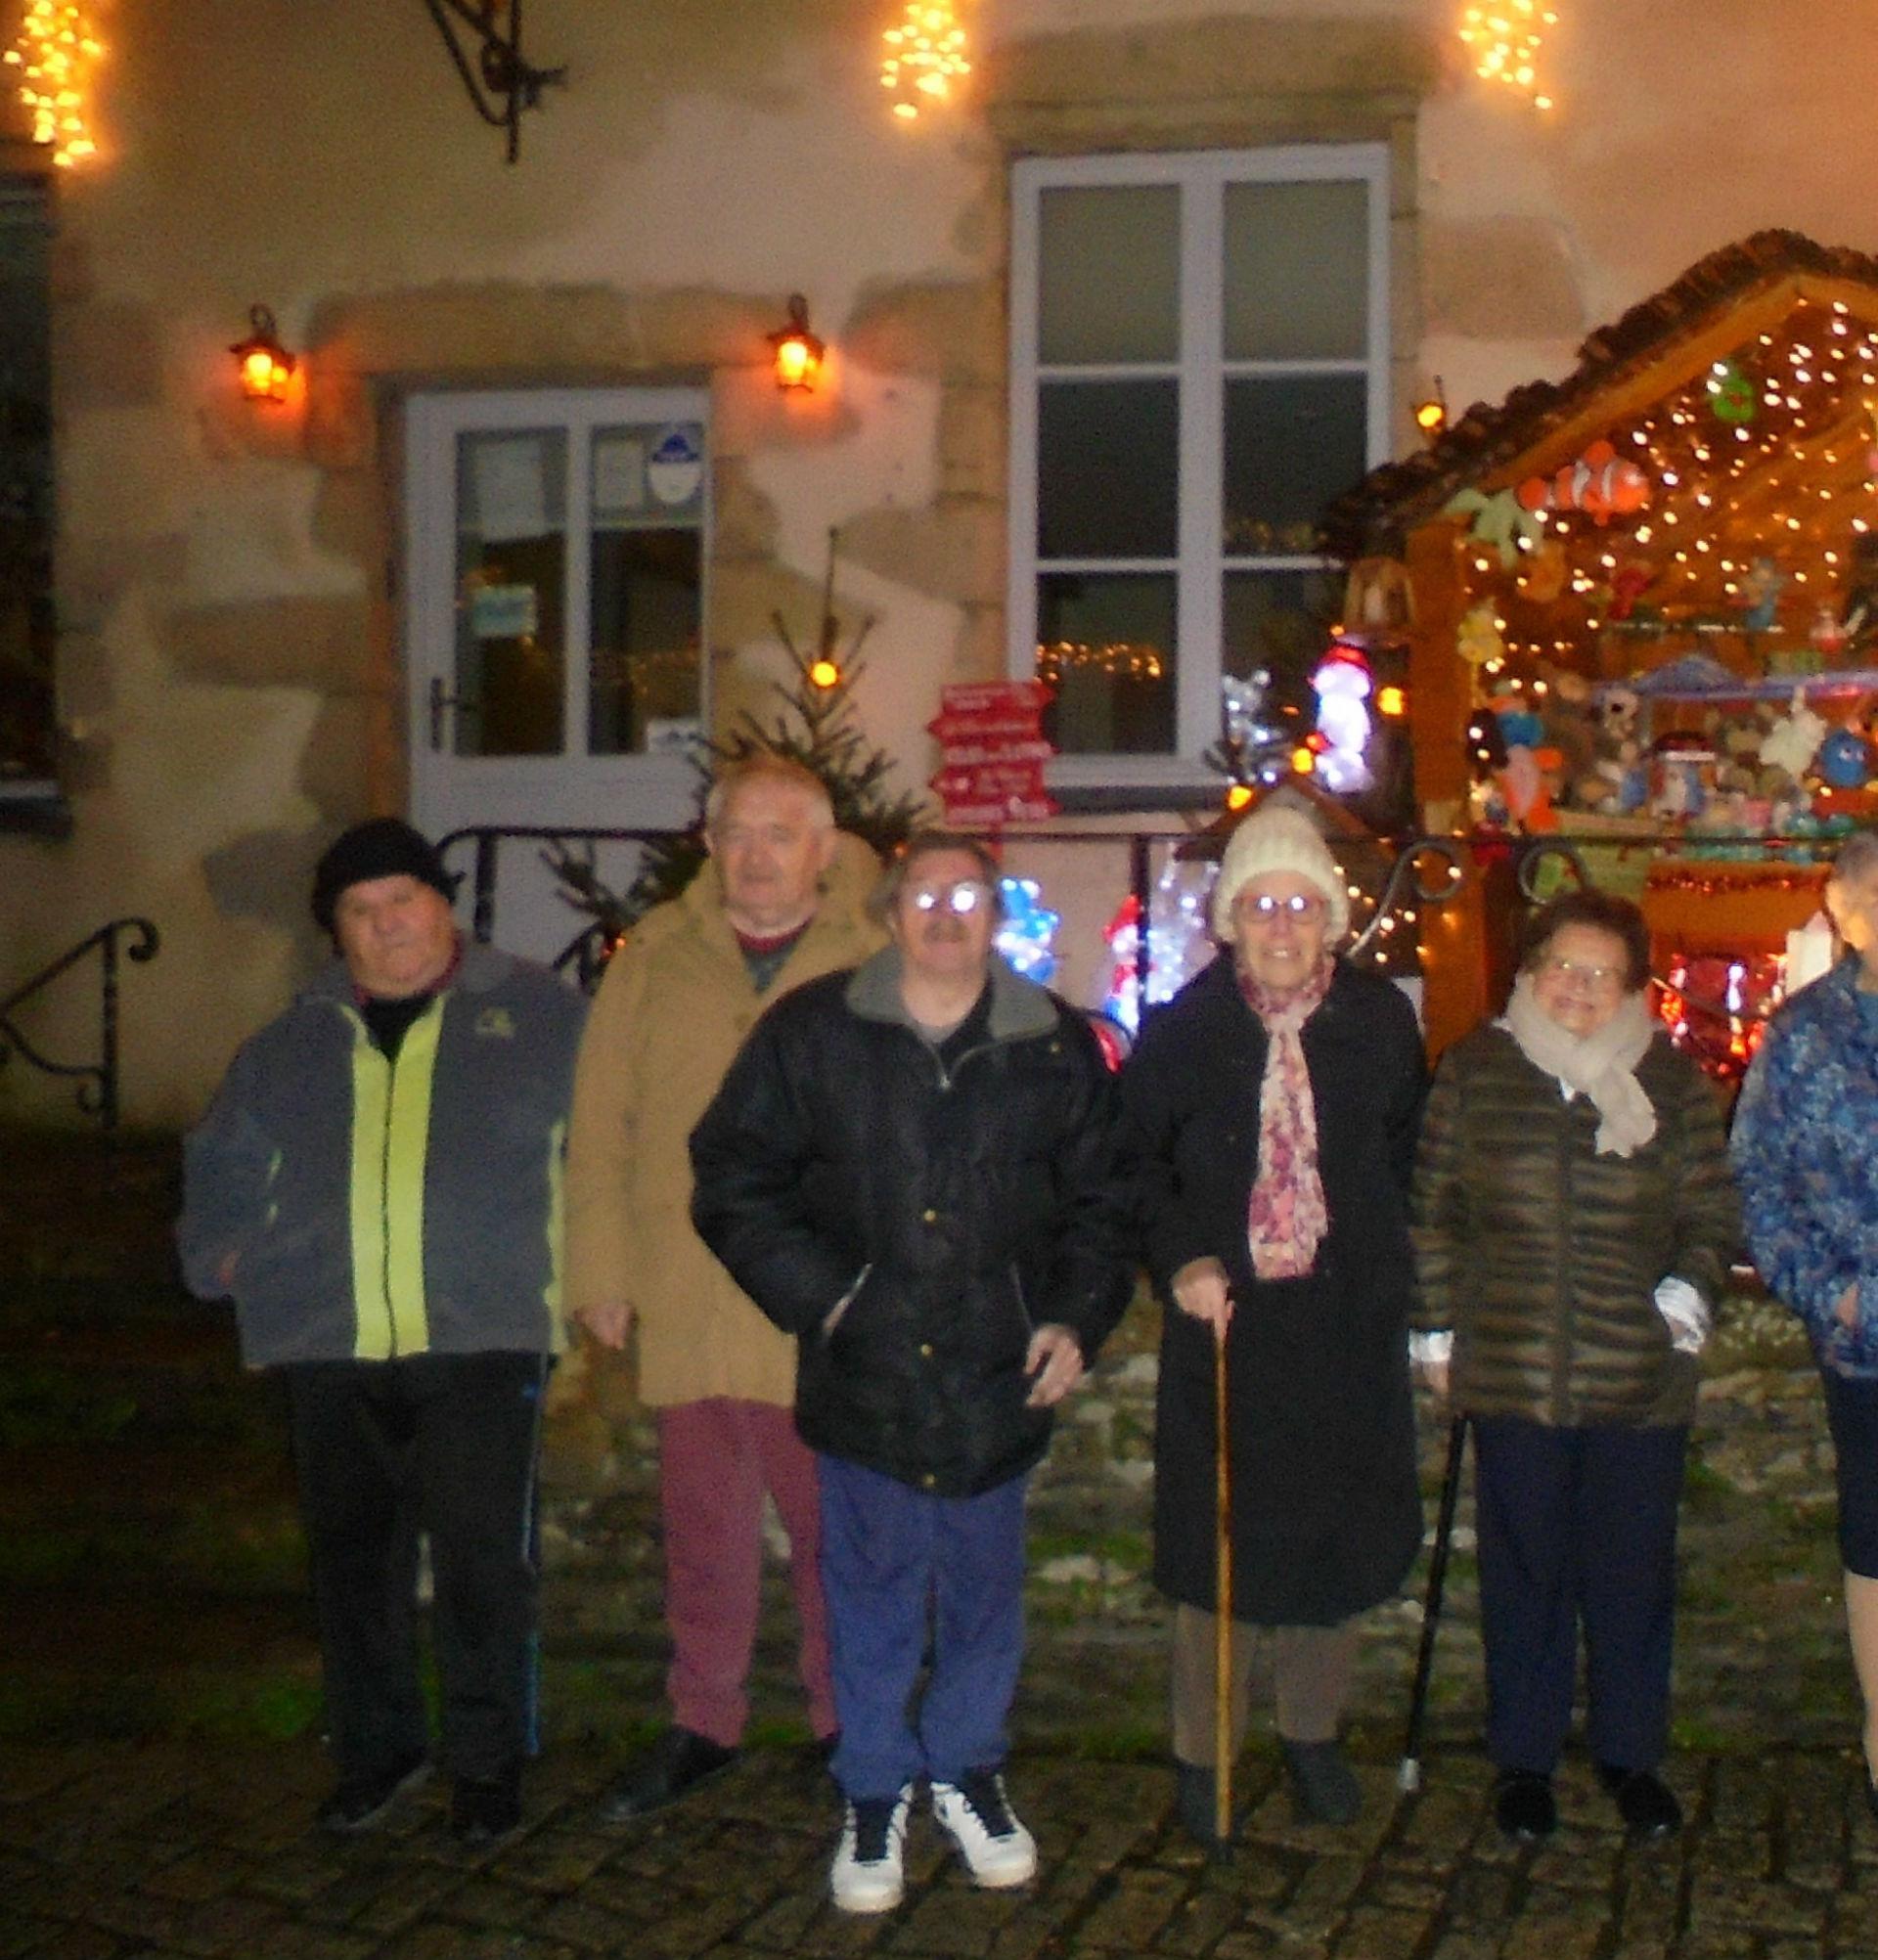 Sortie à Rochefort en Terre - le 11 décembre